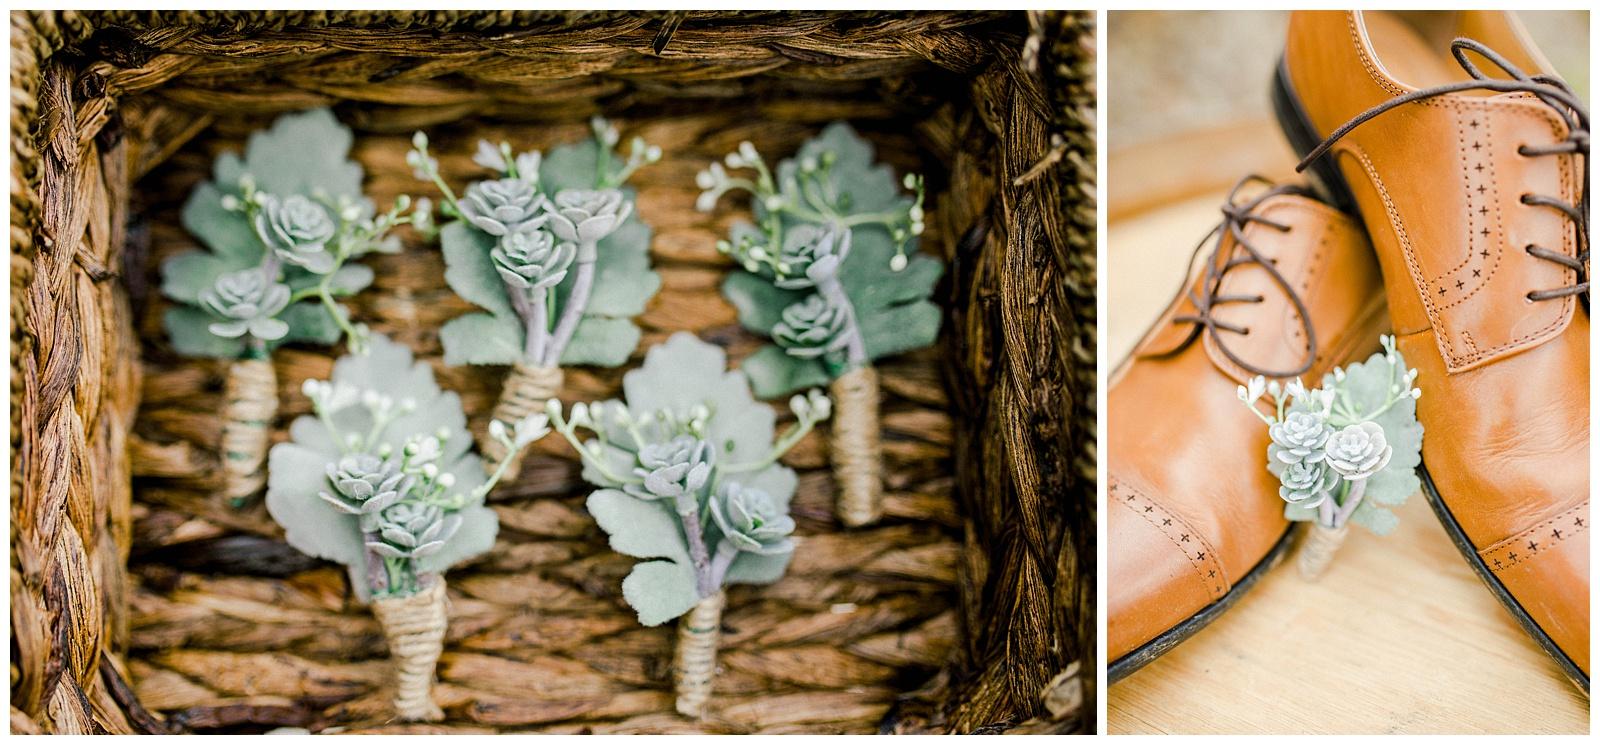 Lewis-Kara-Blakeman-Photography-Huntington-West-Virginia-Wedding-Barn-Olde-Homestead-5